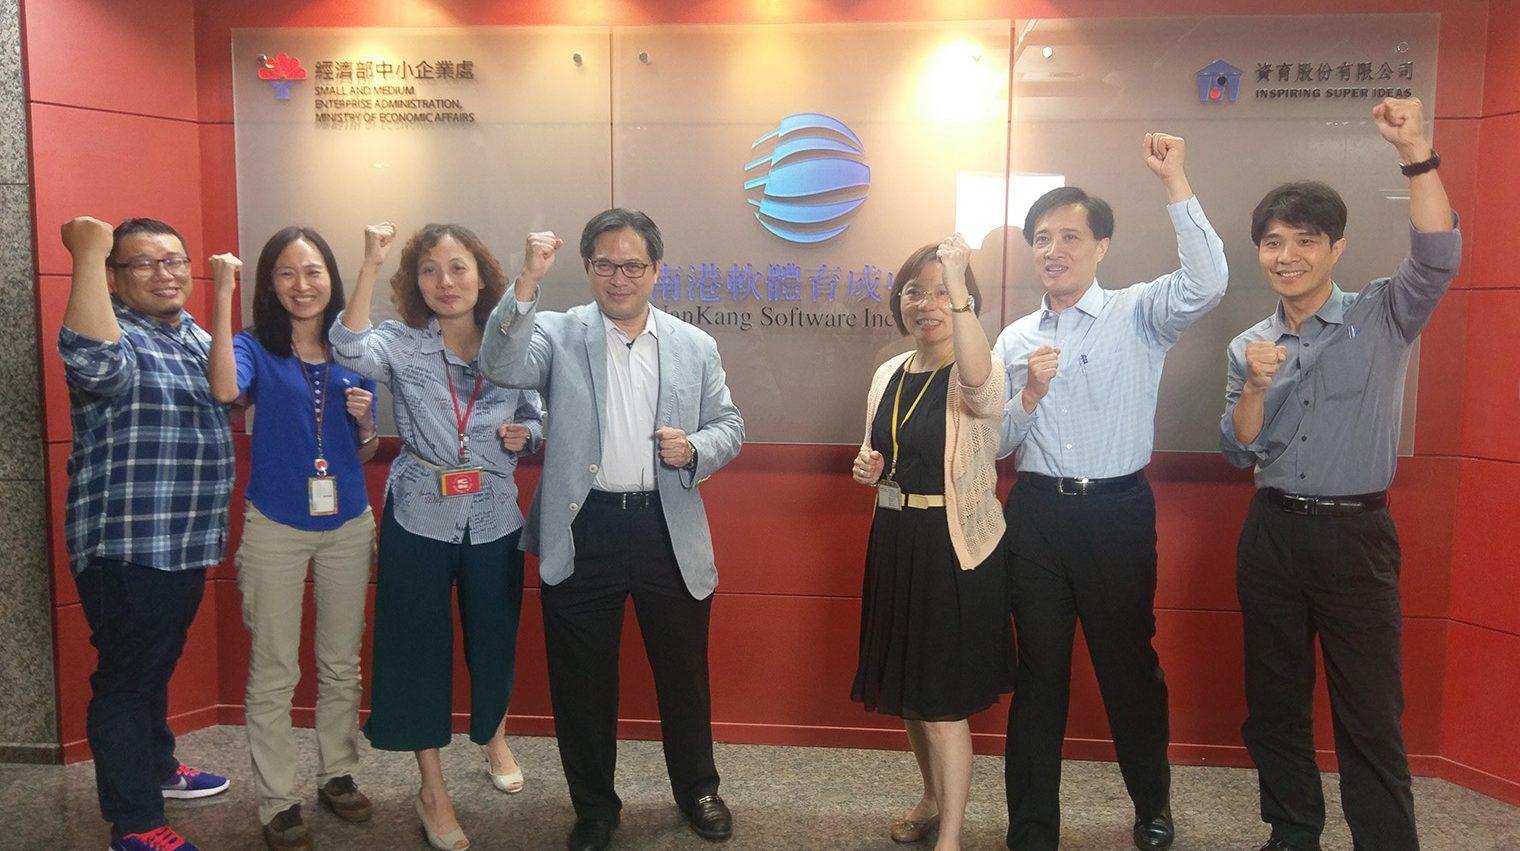 1060615經濟部中小企業處吳明機處長參訪南港軟體育成中心